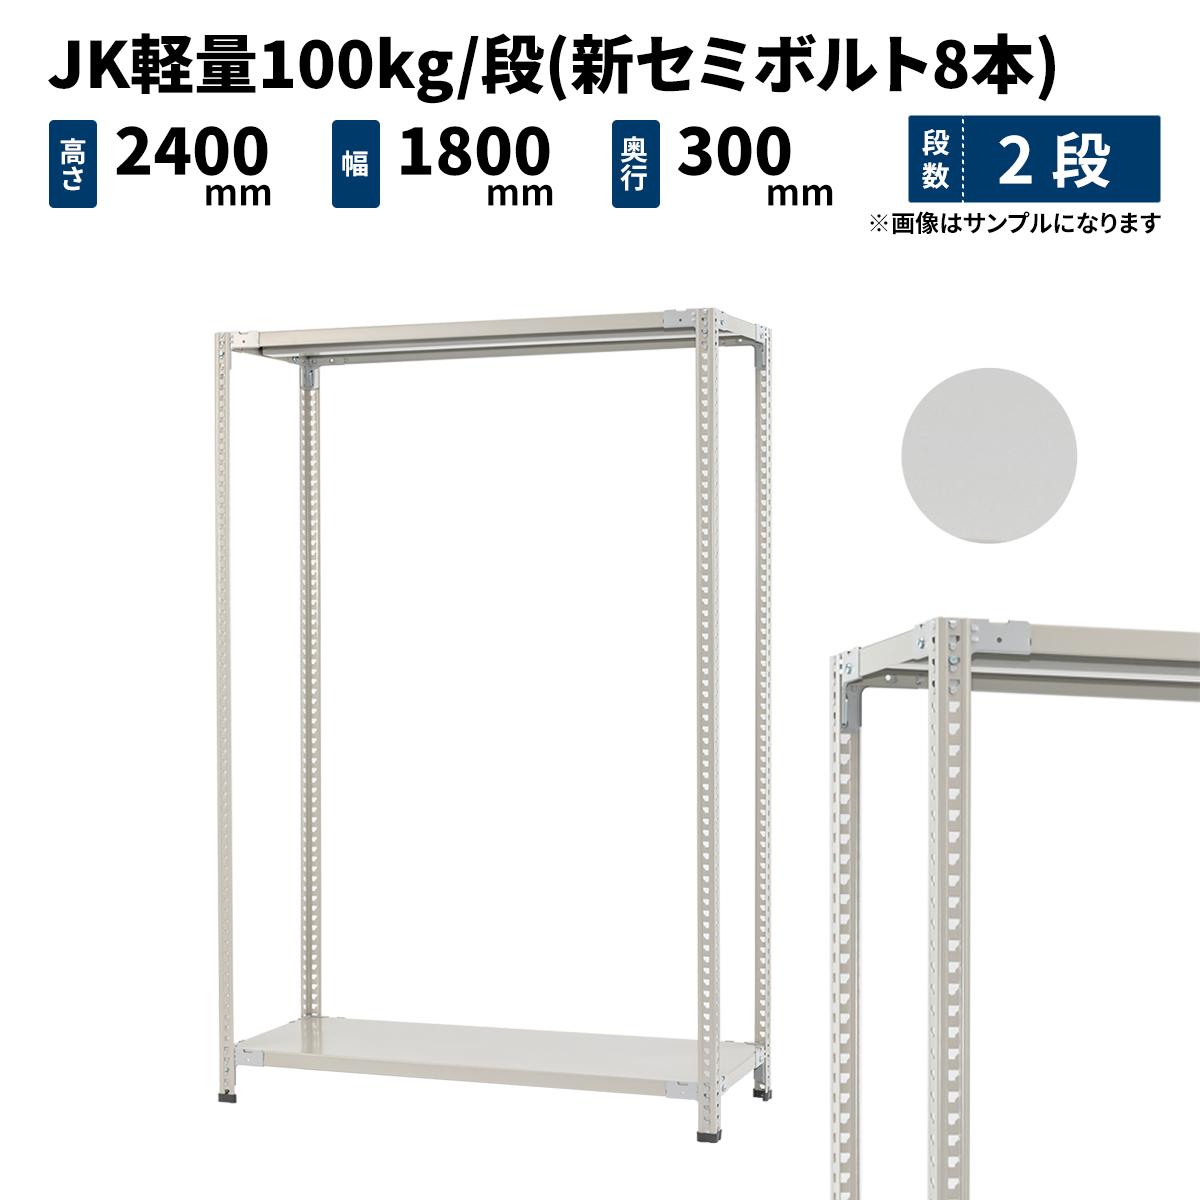 スチールラック 業務用 JK軽量100kg/段(新セミボルト8本) 高さ2400×幅1800×奥行300mm 2段 ホワイトグレー (28kg) JK100NT-241803-2